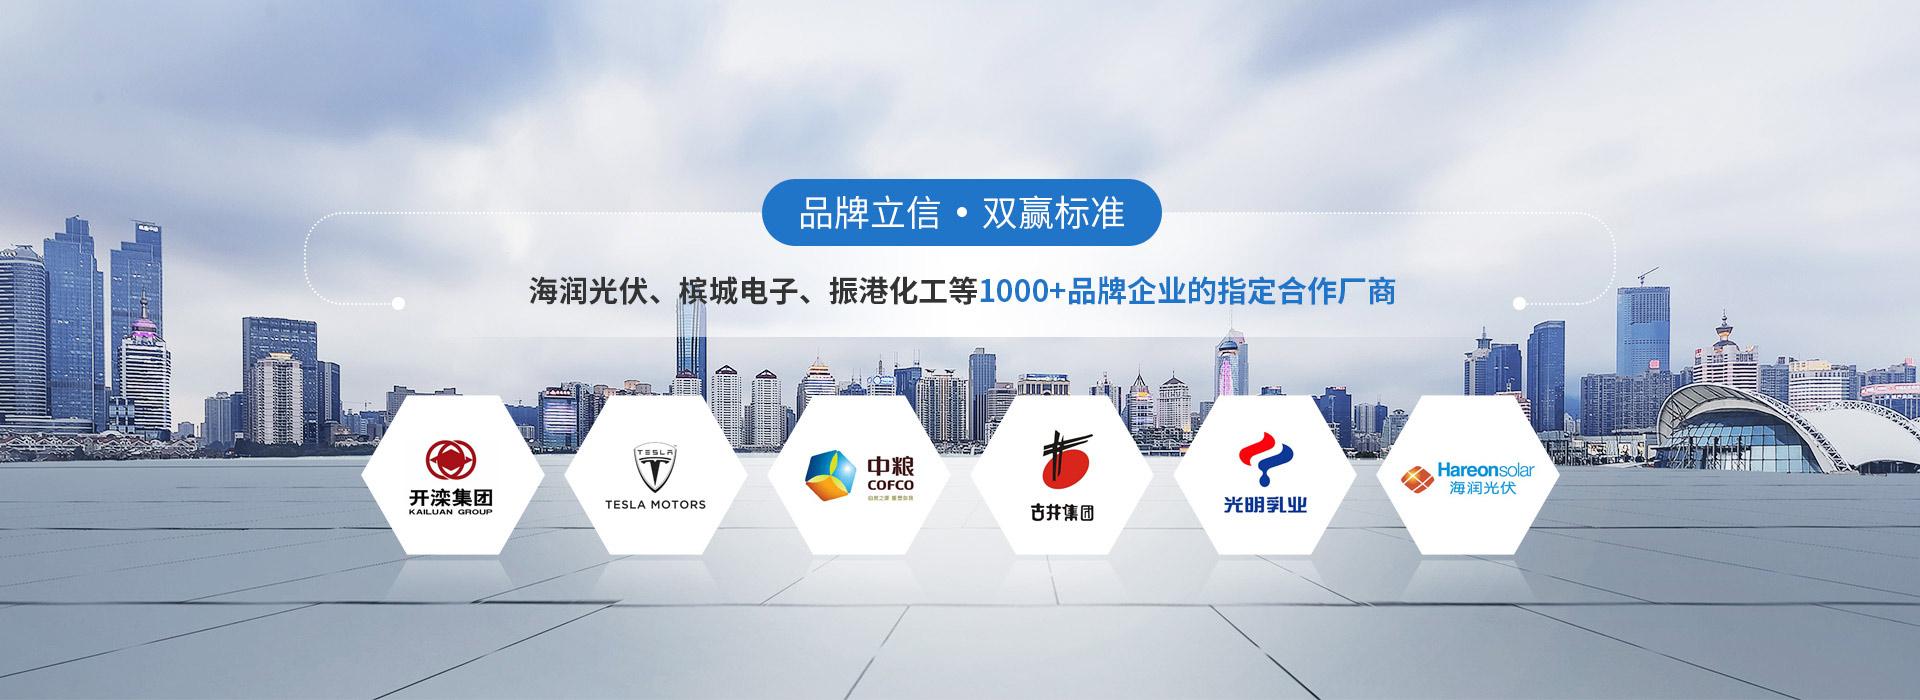 阿森河计量泵厂家1000+企业的指定合作厂商